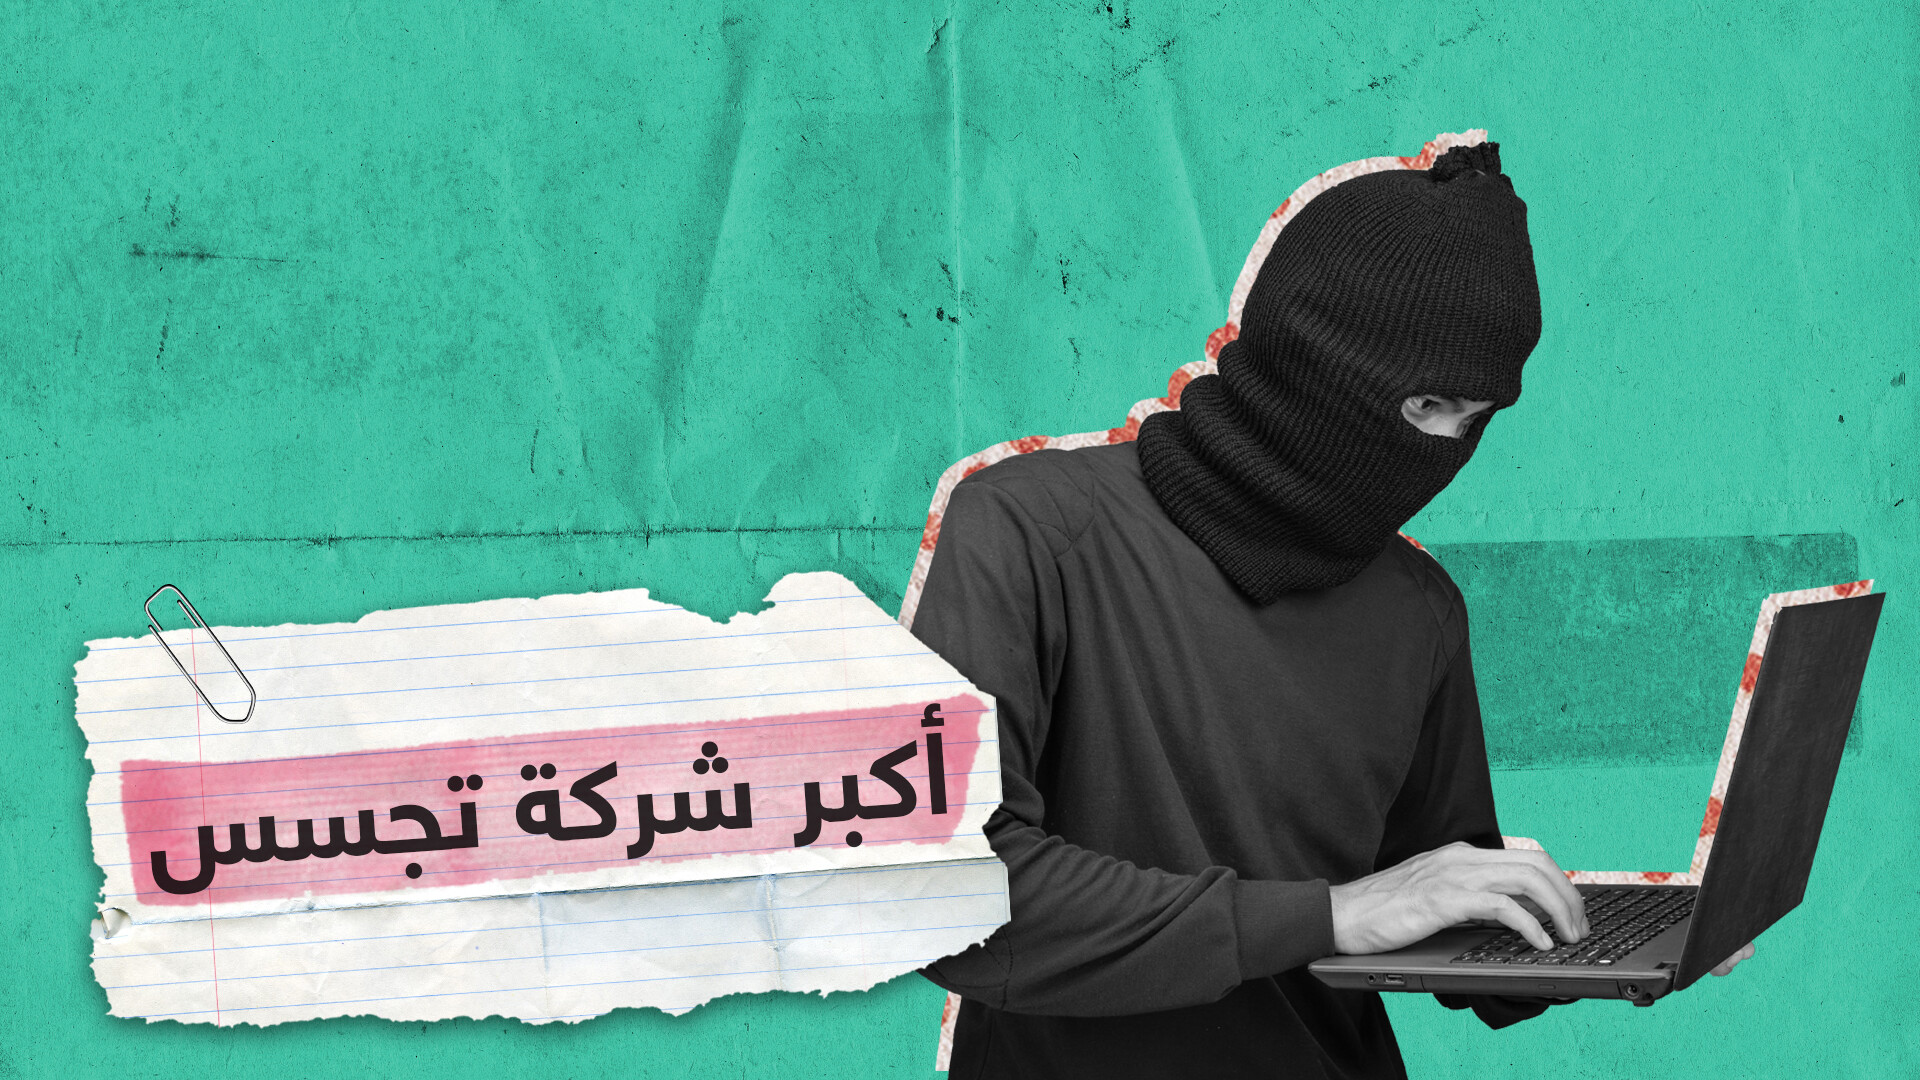 """استخدمتها دول عربية.. ماذا تعرف عن شركة """"التجسس"""" الإسرائيلية NSO؟"""